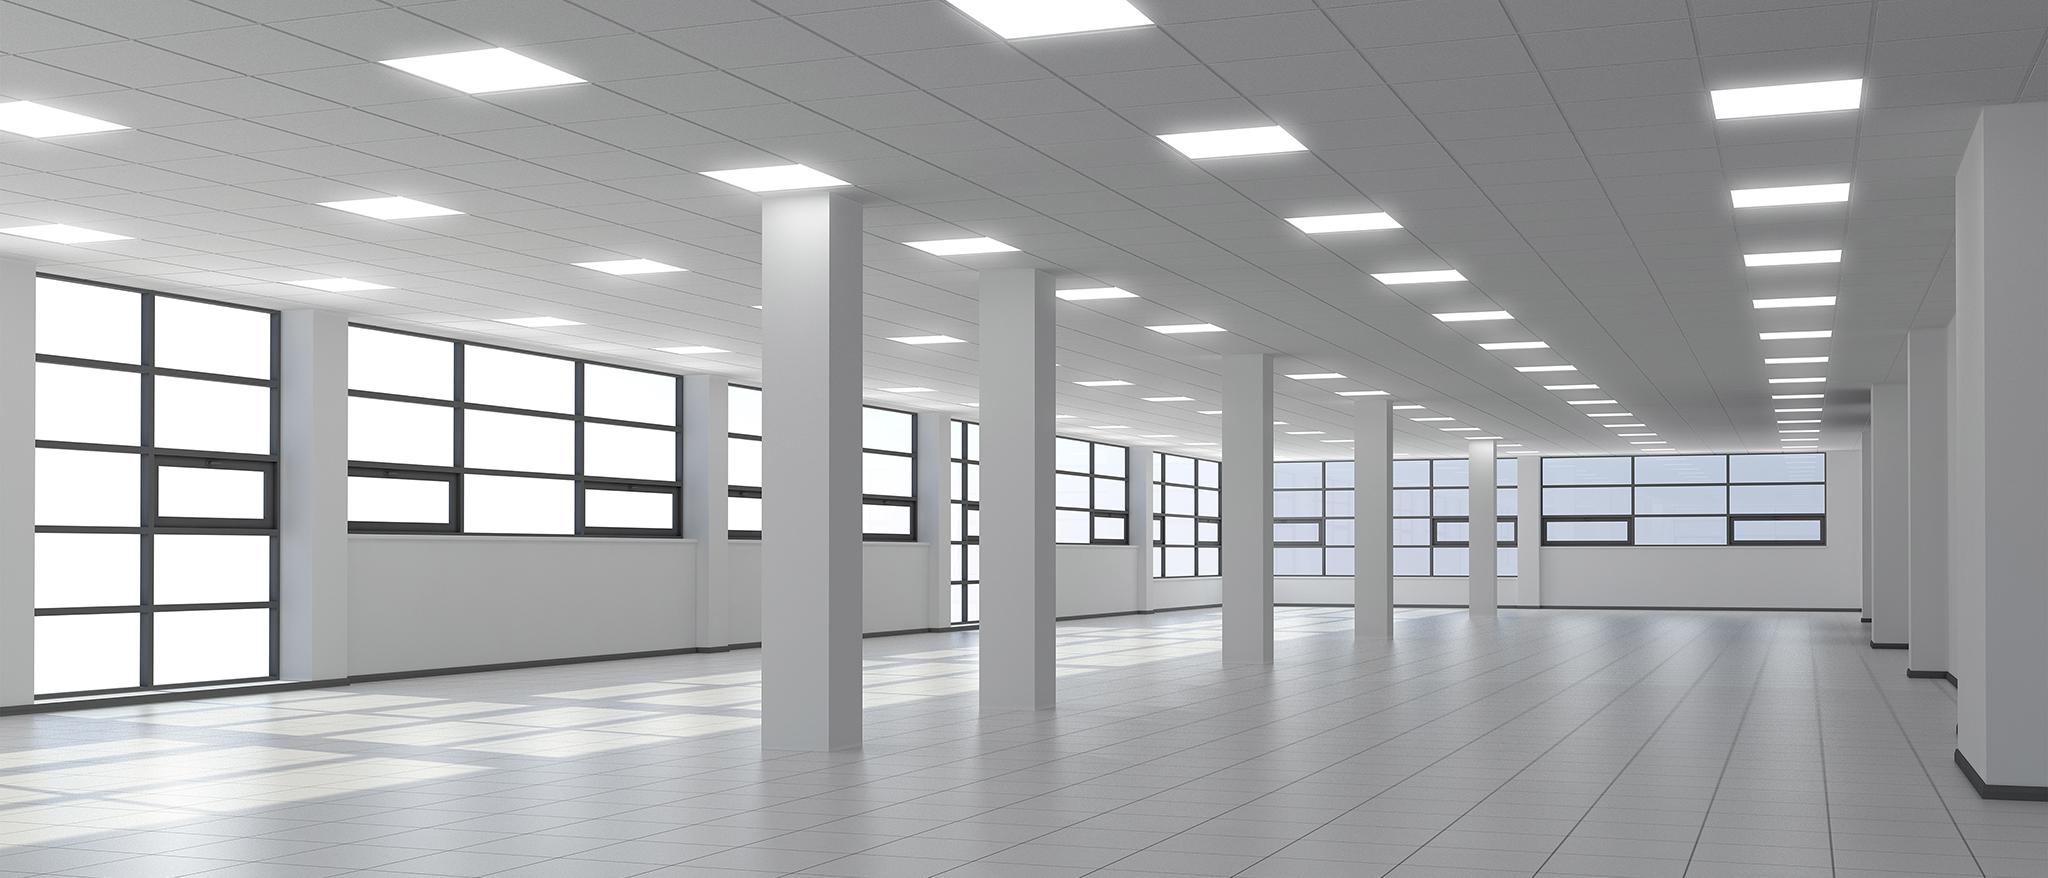 Bestilling af LED paneler foregår online